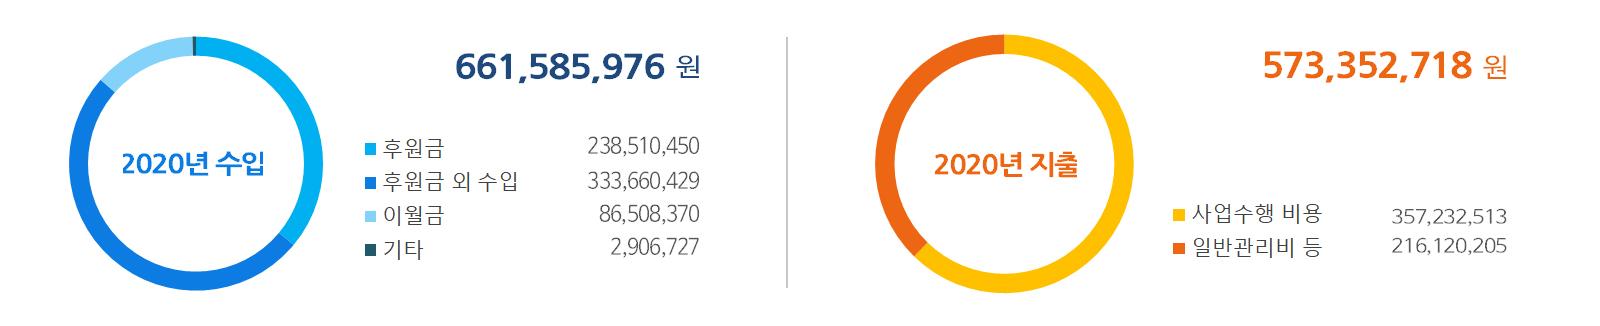 2020년 수입-지출.jpg